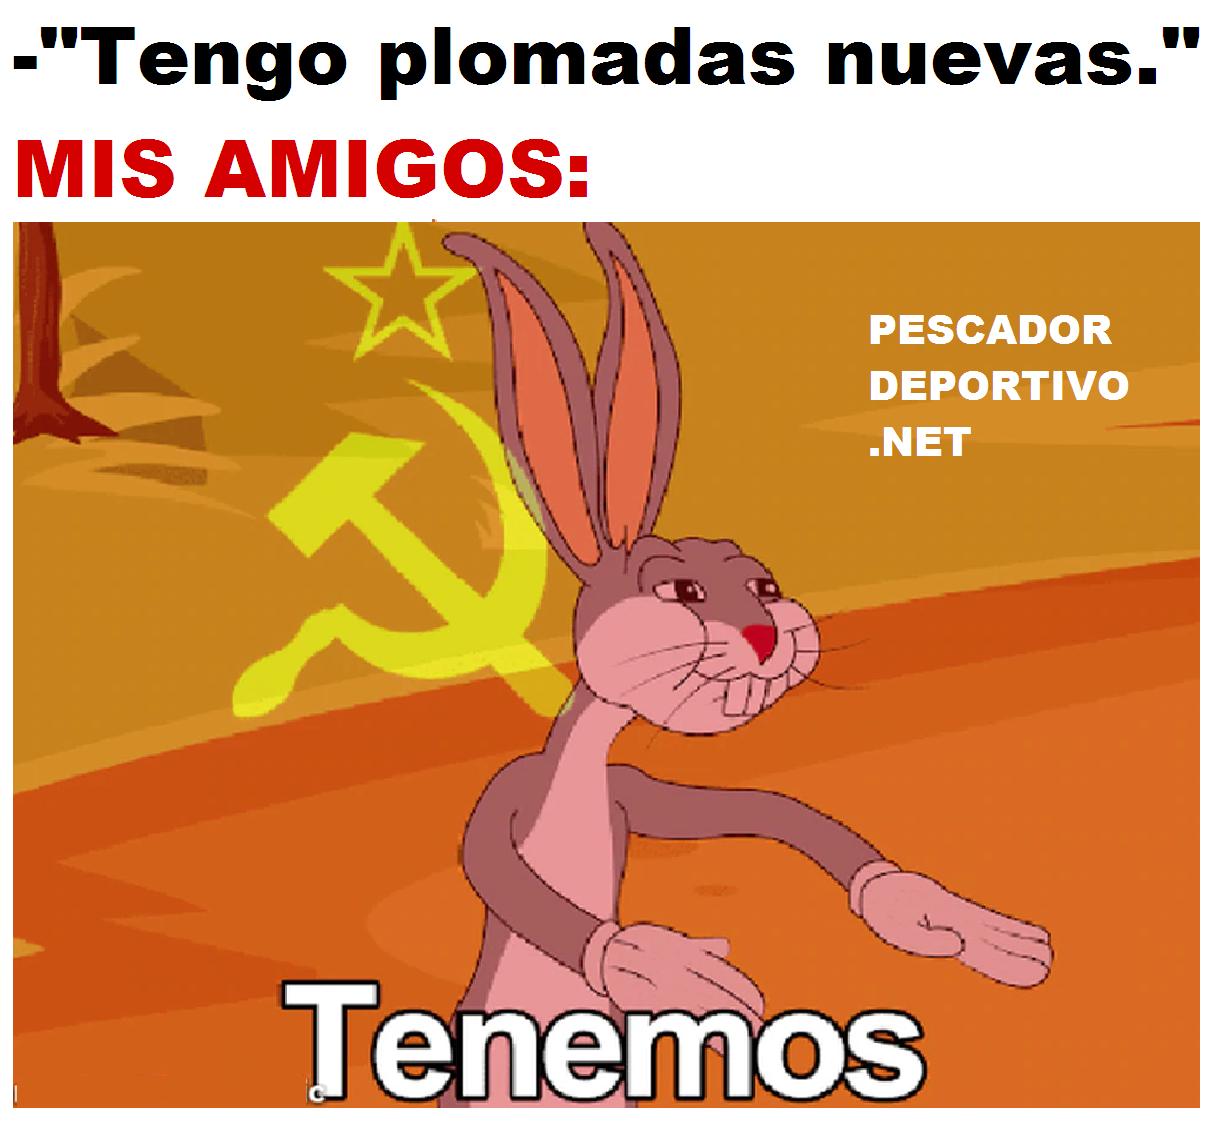 TENEMOS PLOMADAS